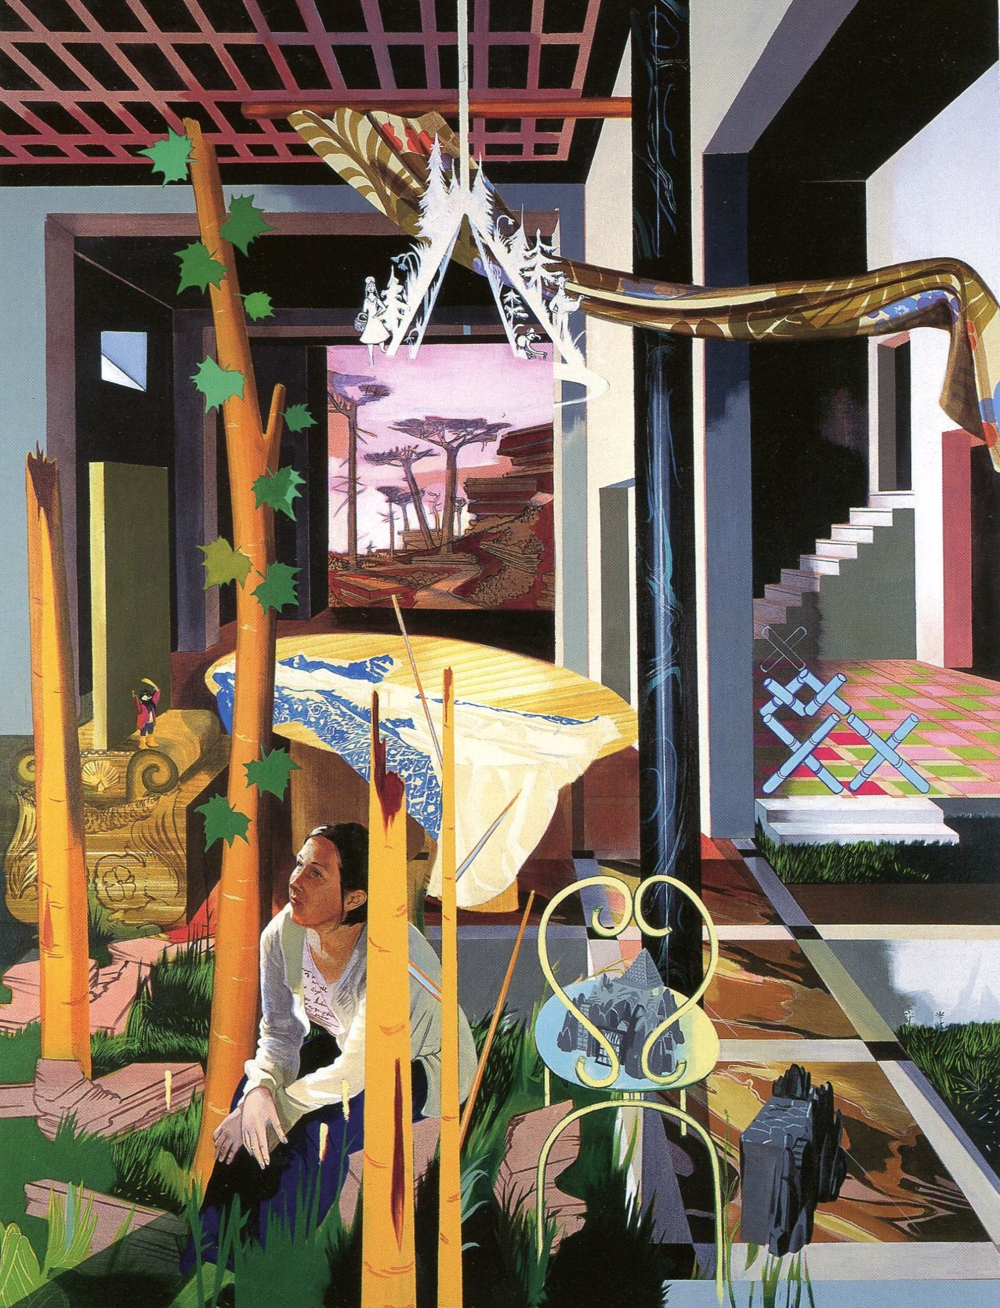 Susanne Kuhn, Melanie -Melancholy , 2007. Pigment, dispersion, and acrylic on canvas, 240 x 180 cm.  © Susanne Kuhn.